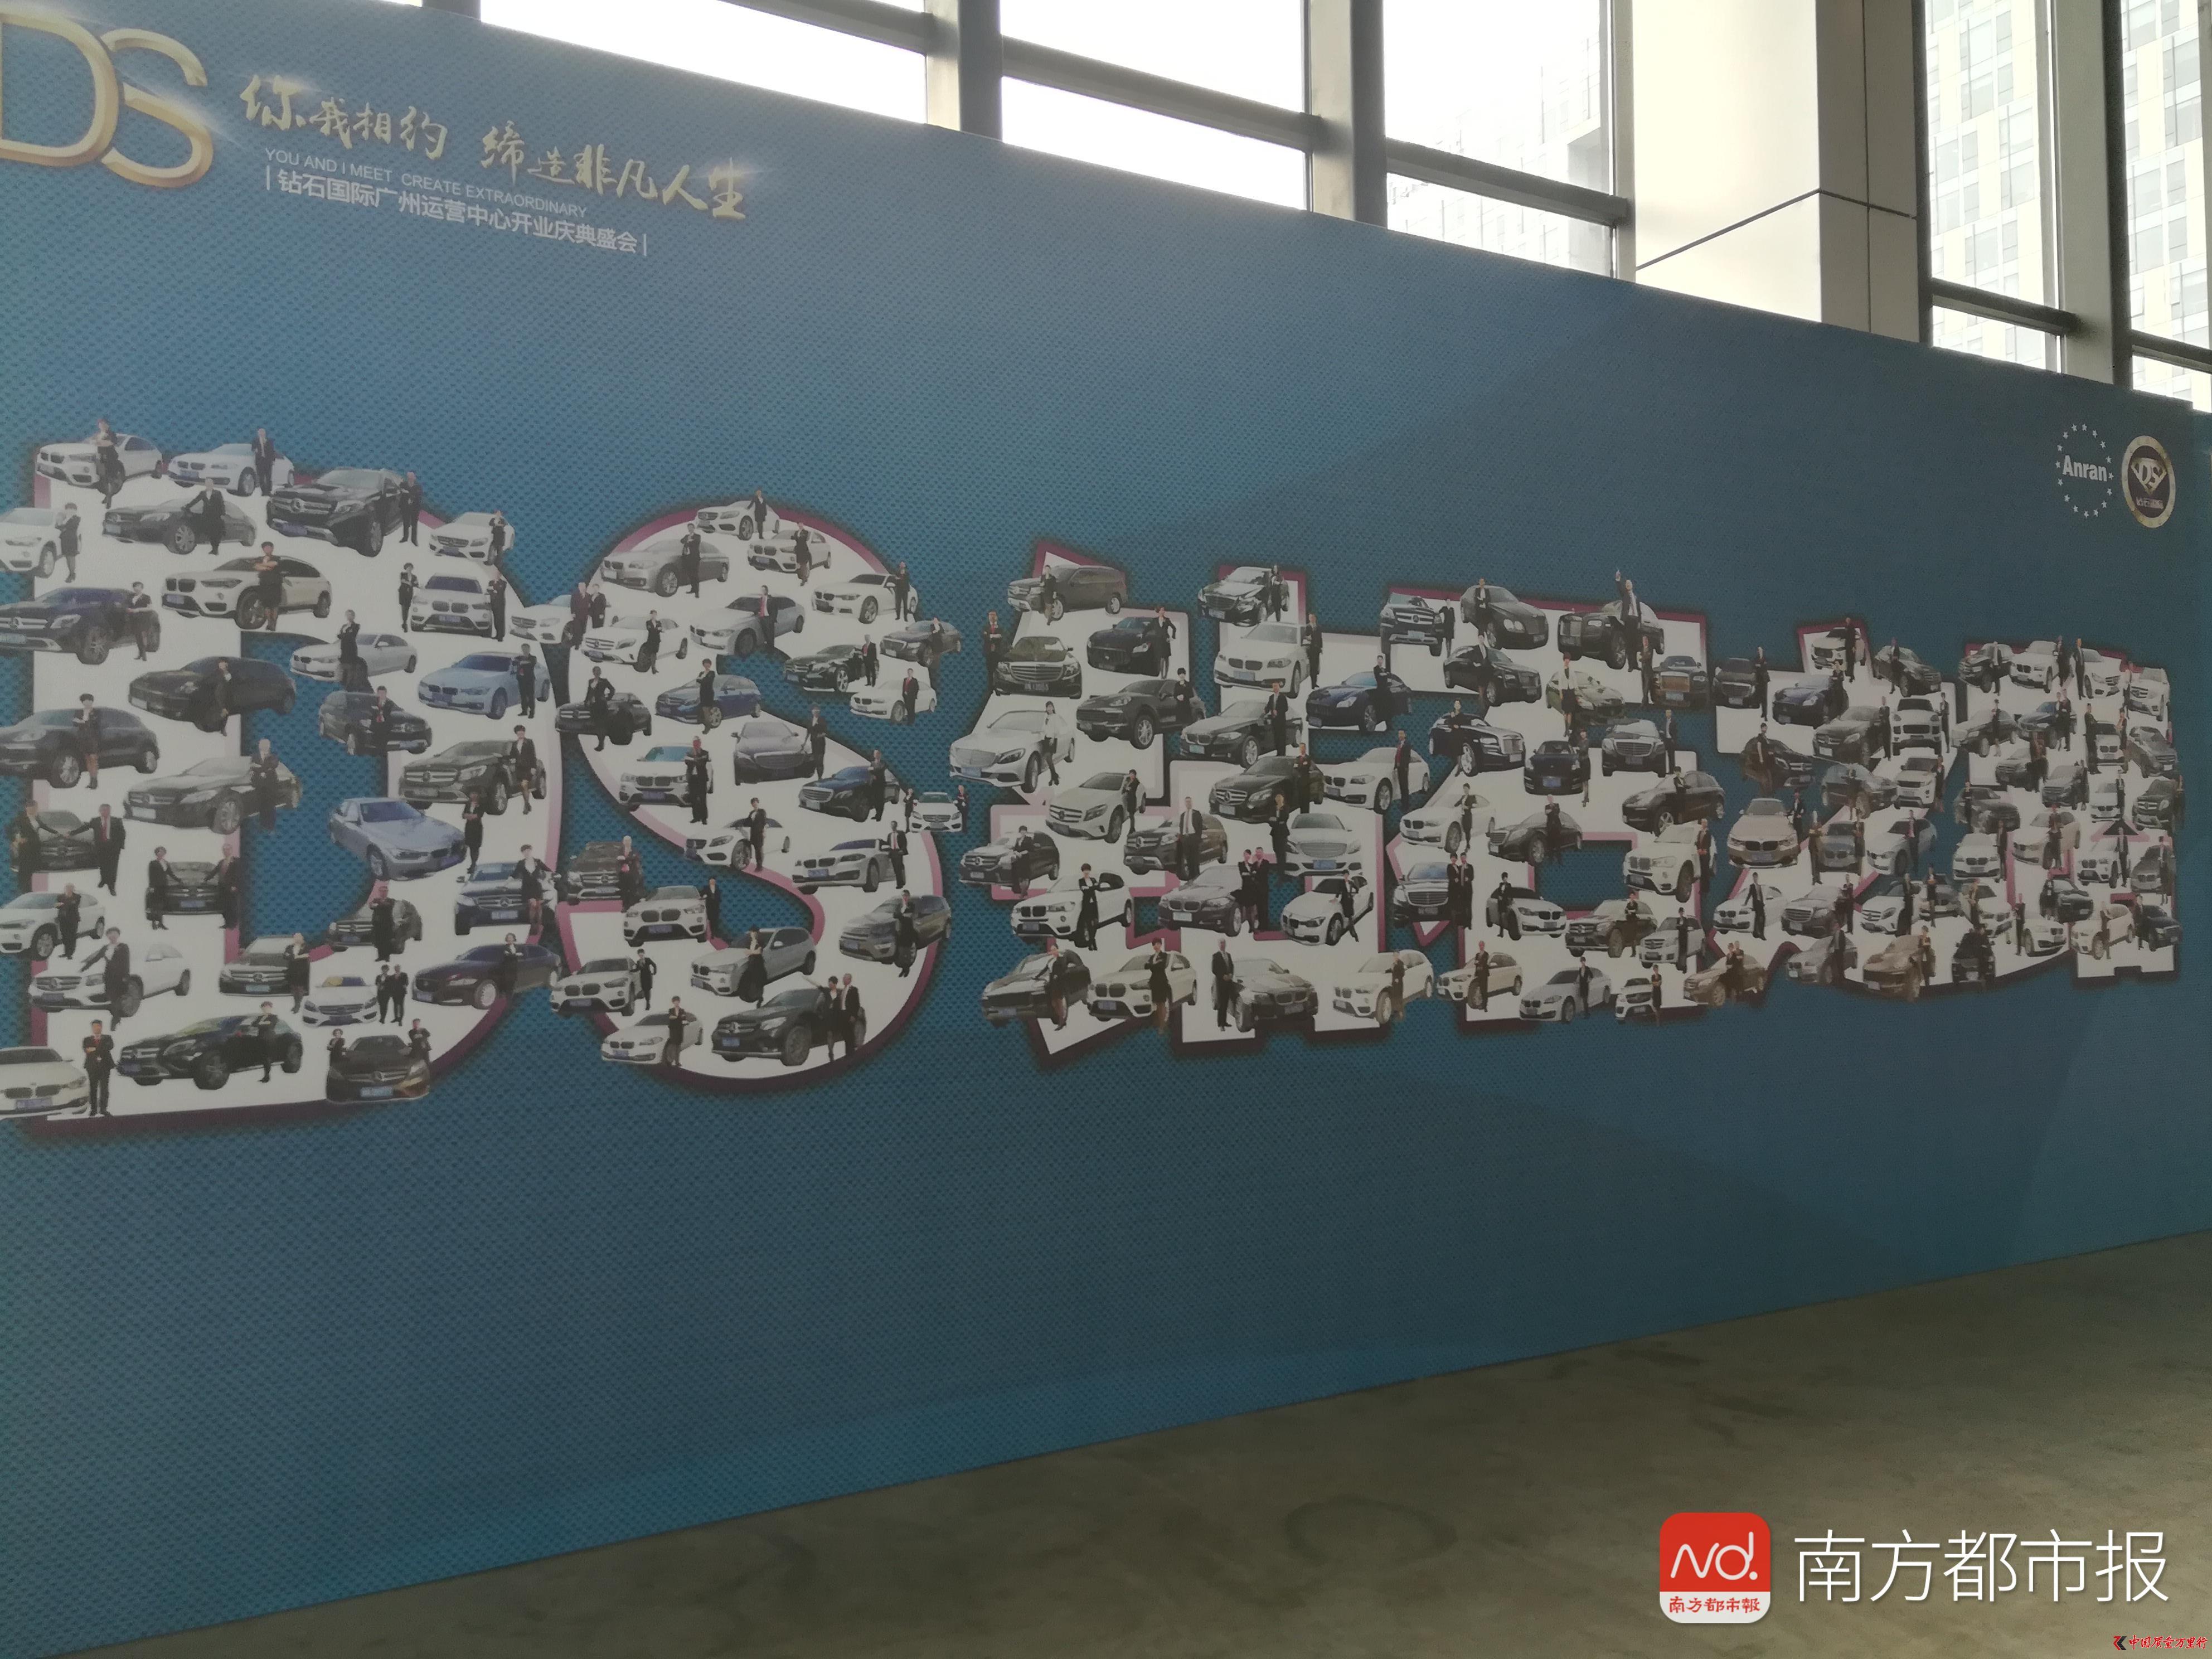 广州运营中心开业会议,钻石国际宣传海报被豪车覆盖.jpg